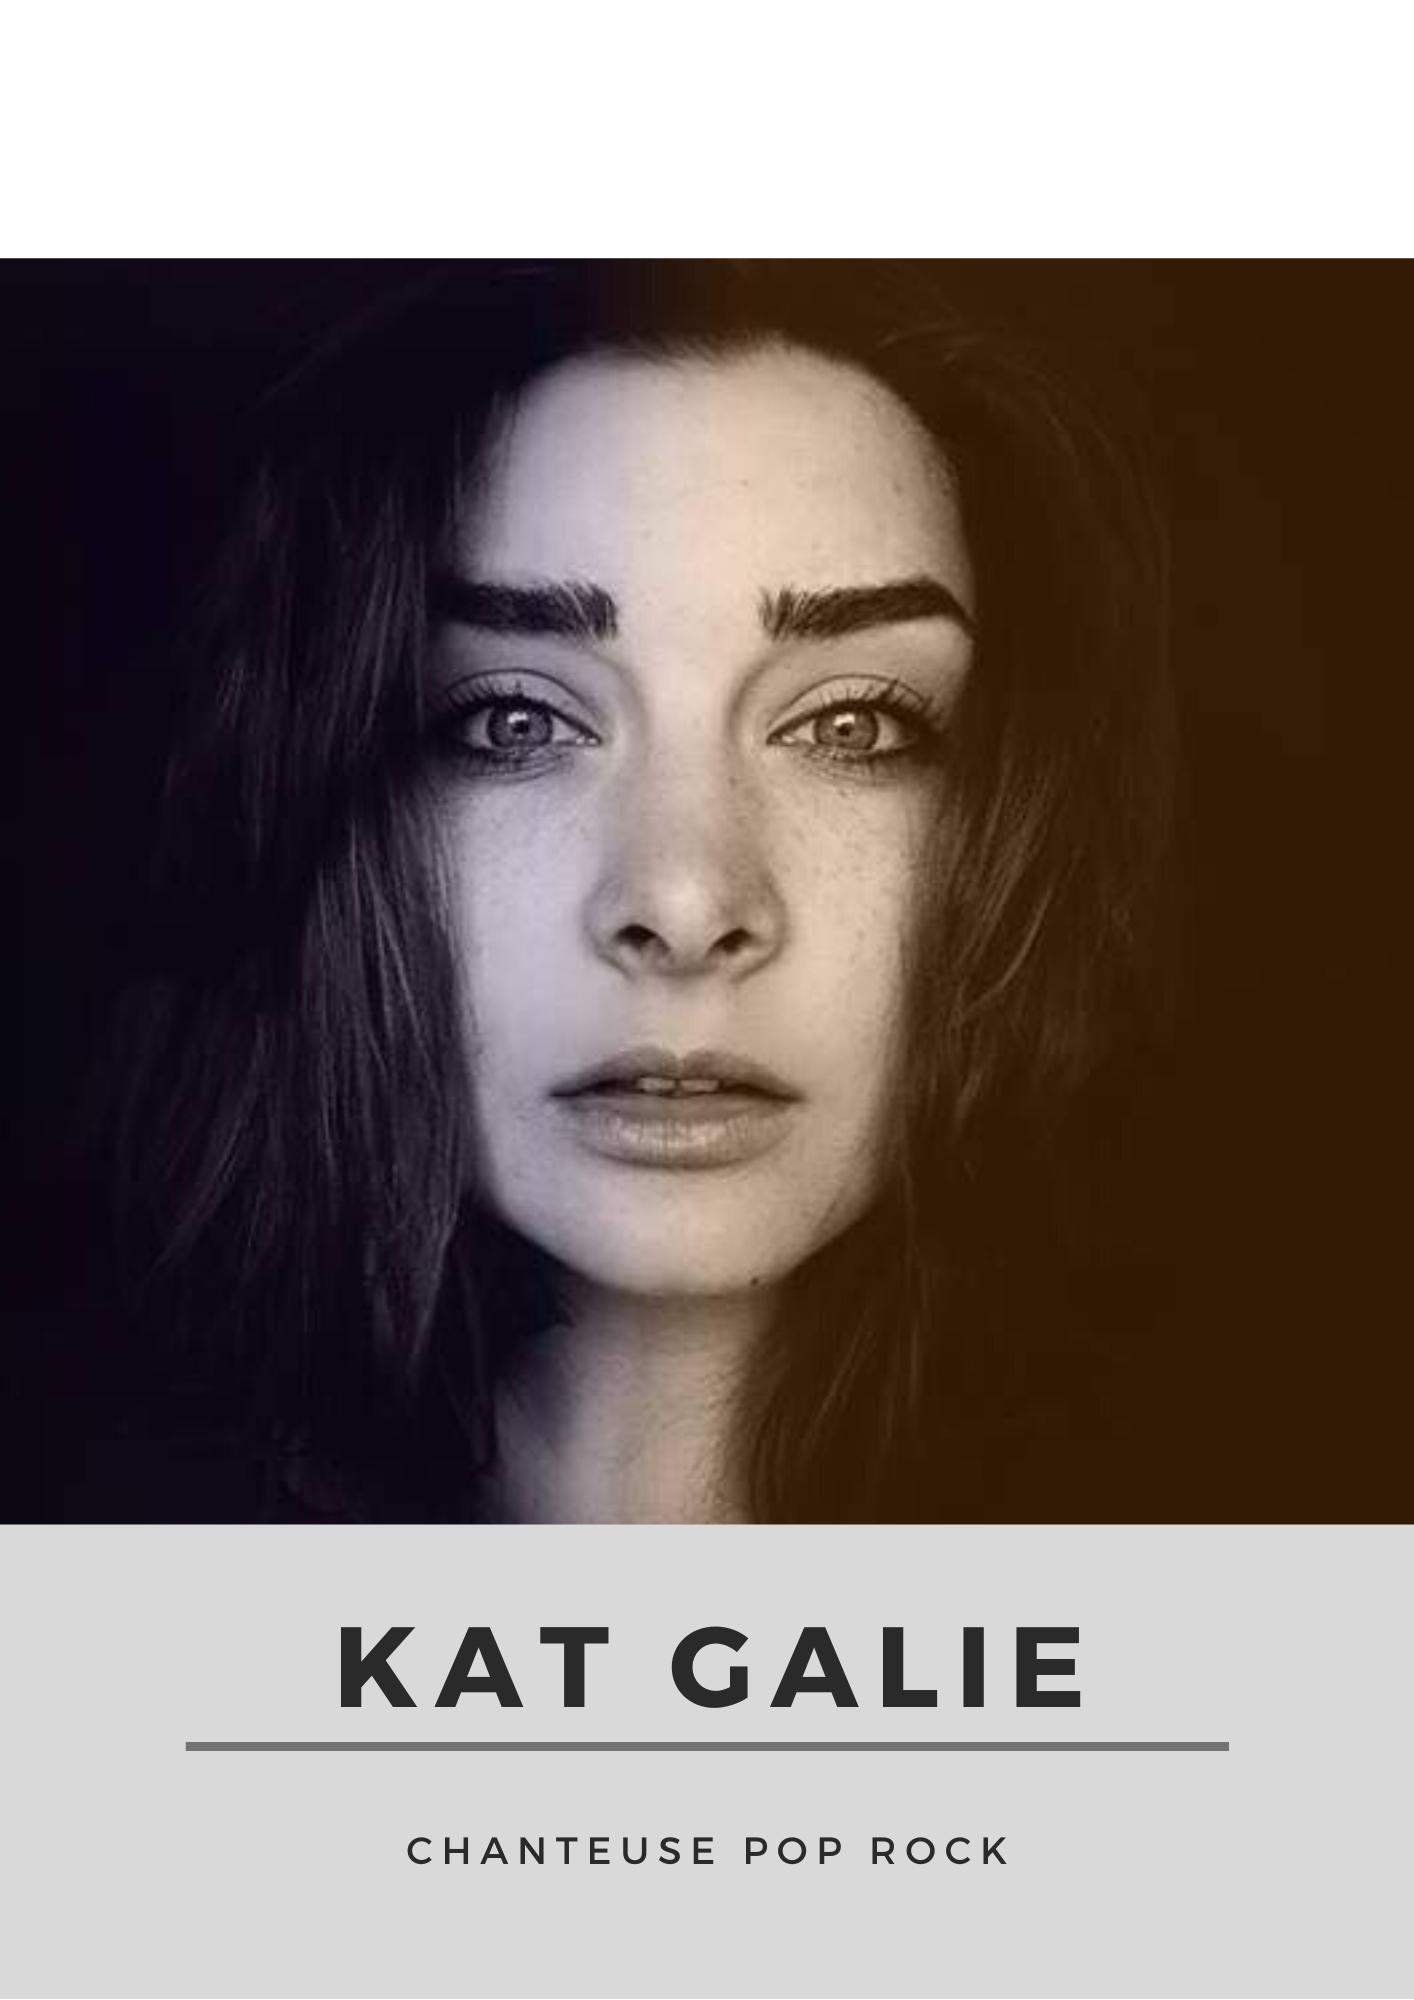 KAT GALIE